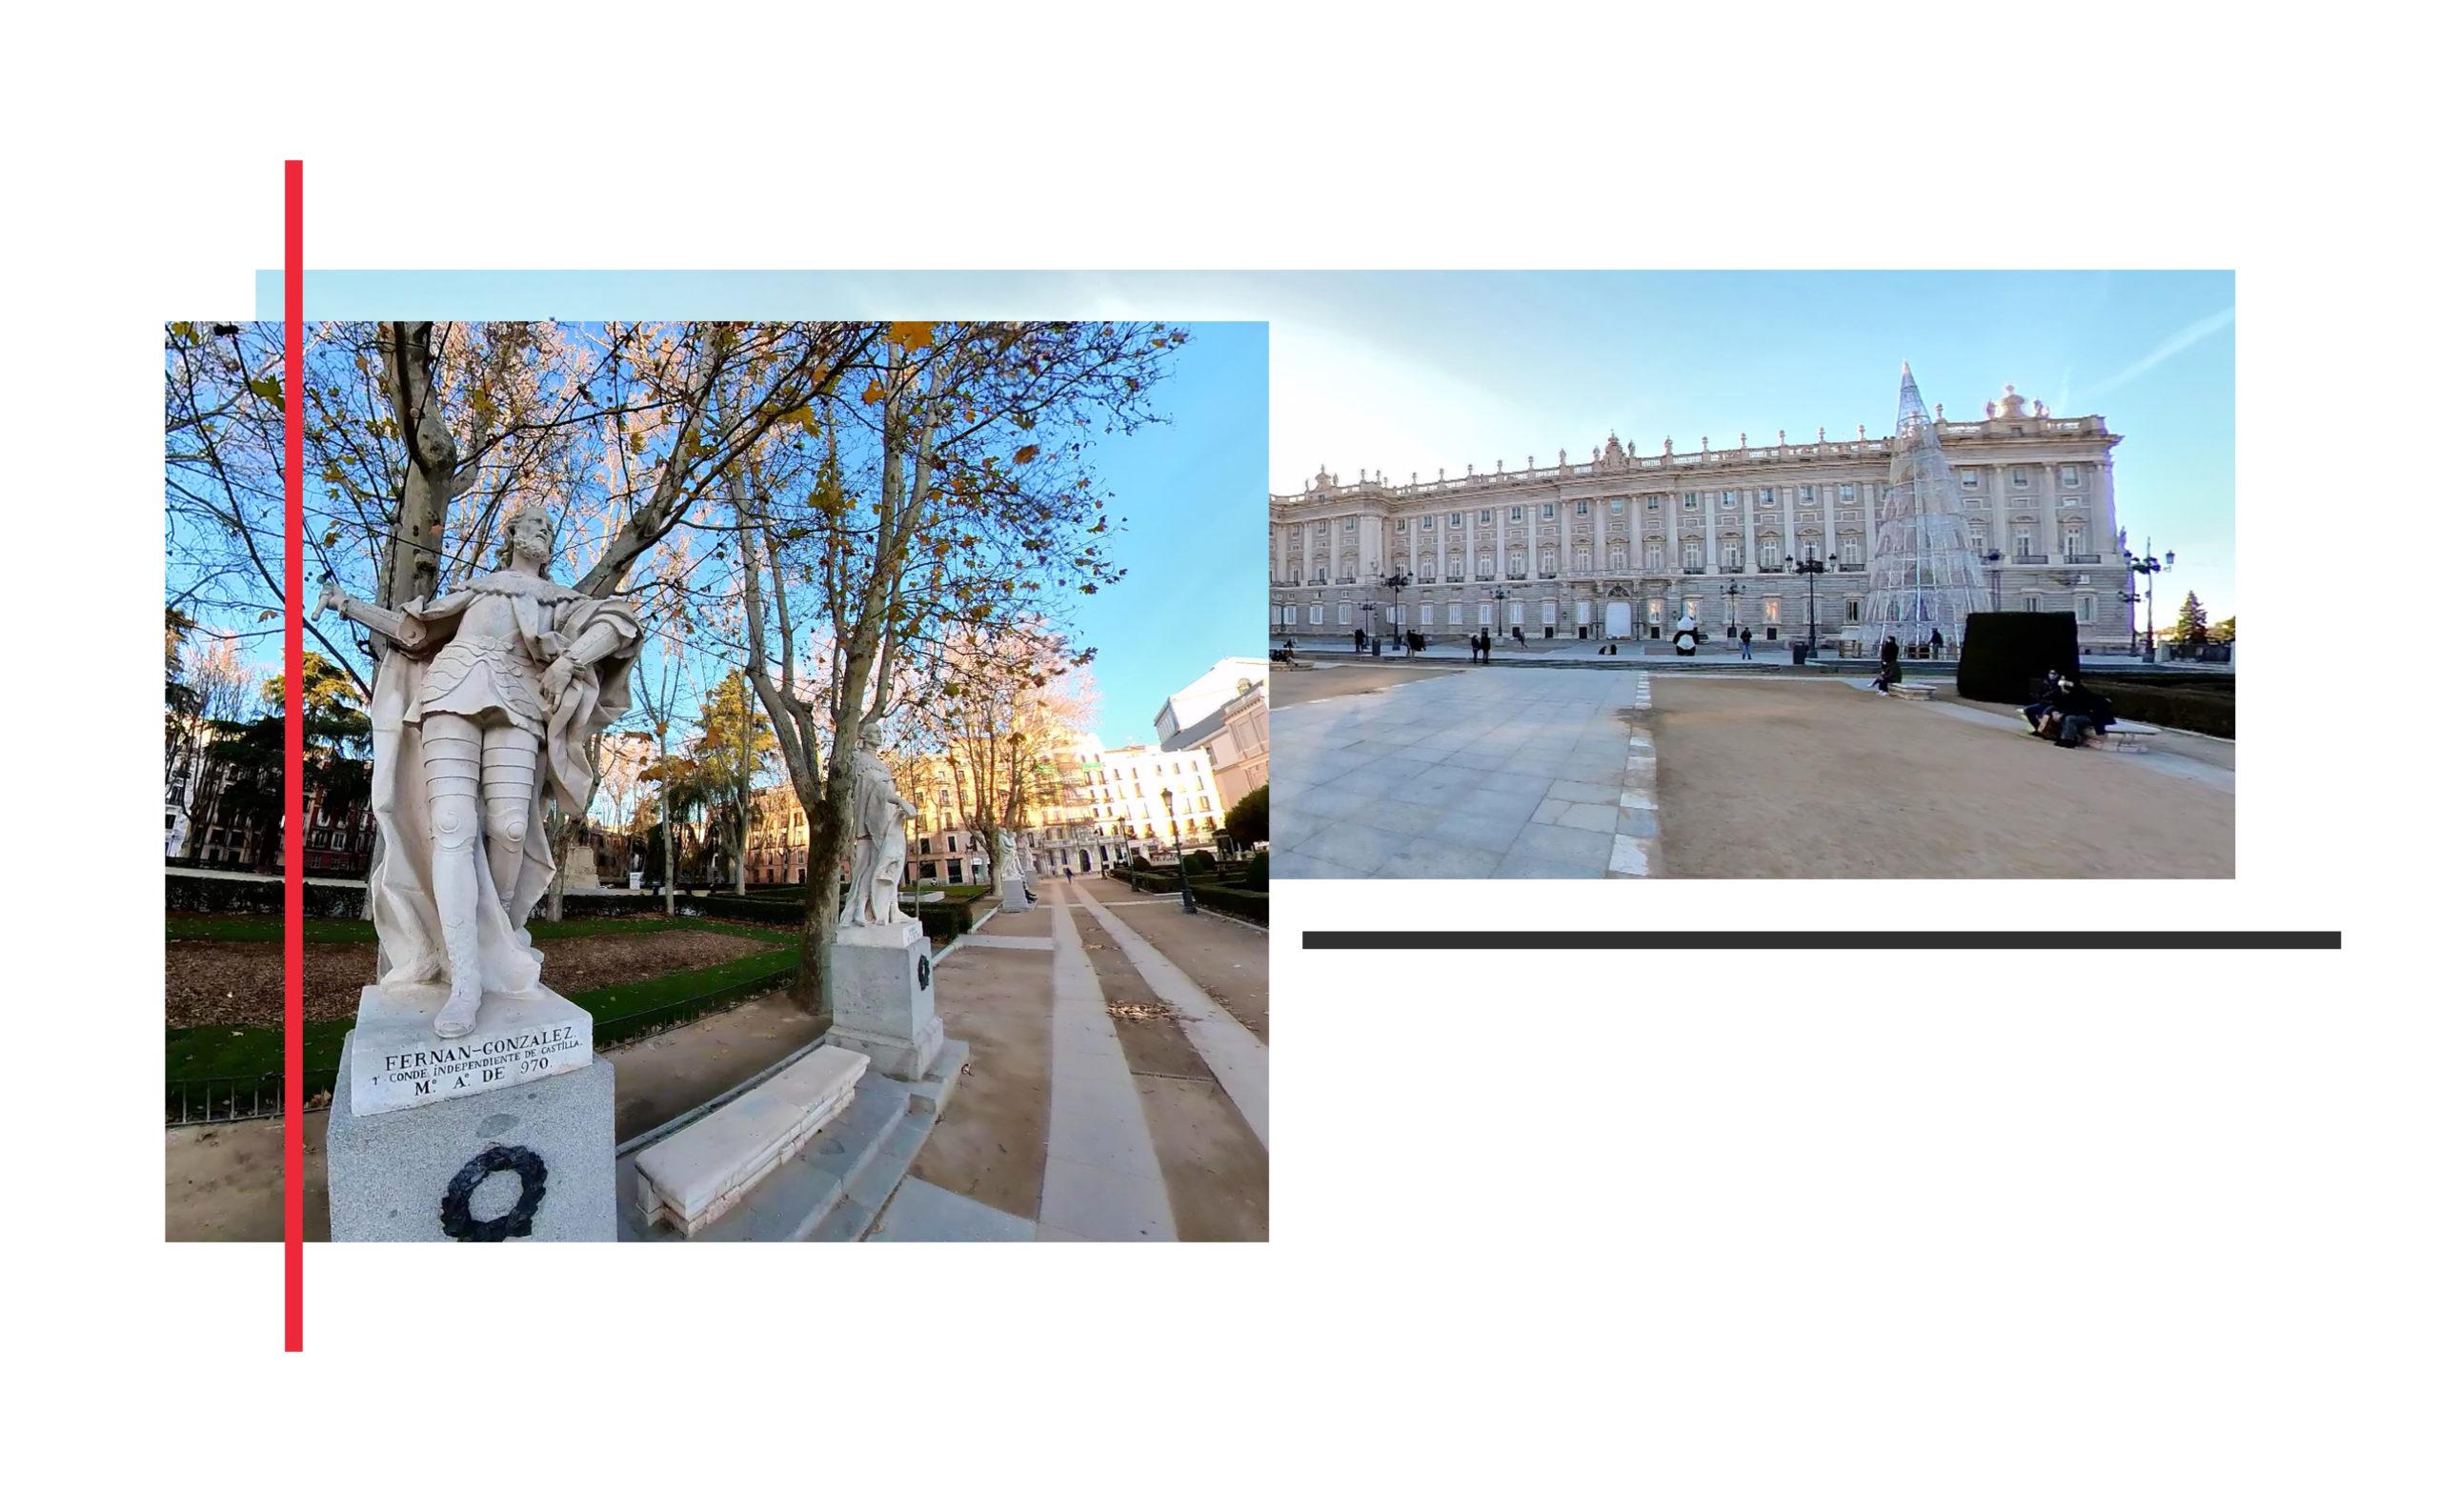 Turismo Madrid. Qué ver en Madrid. Plaza de Callao hasta la Plaza de Oriente Plaza de Oriente Guillermo Morante